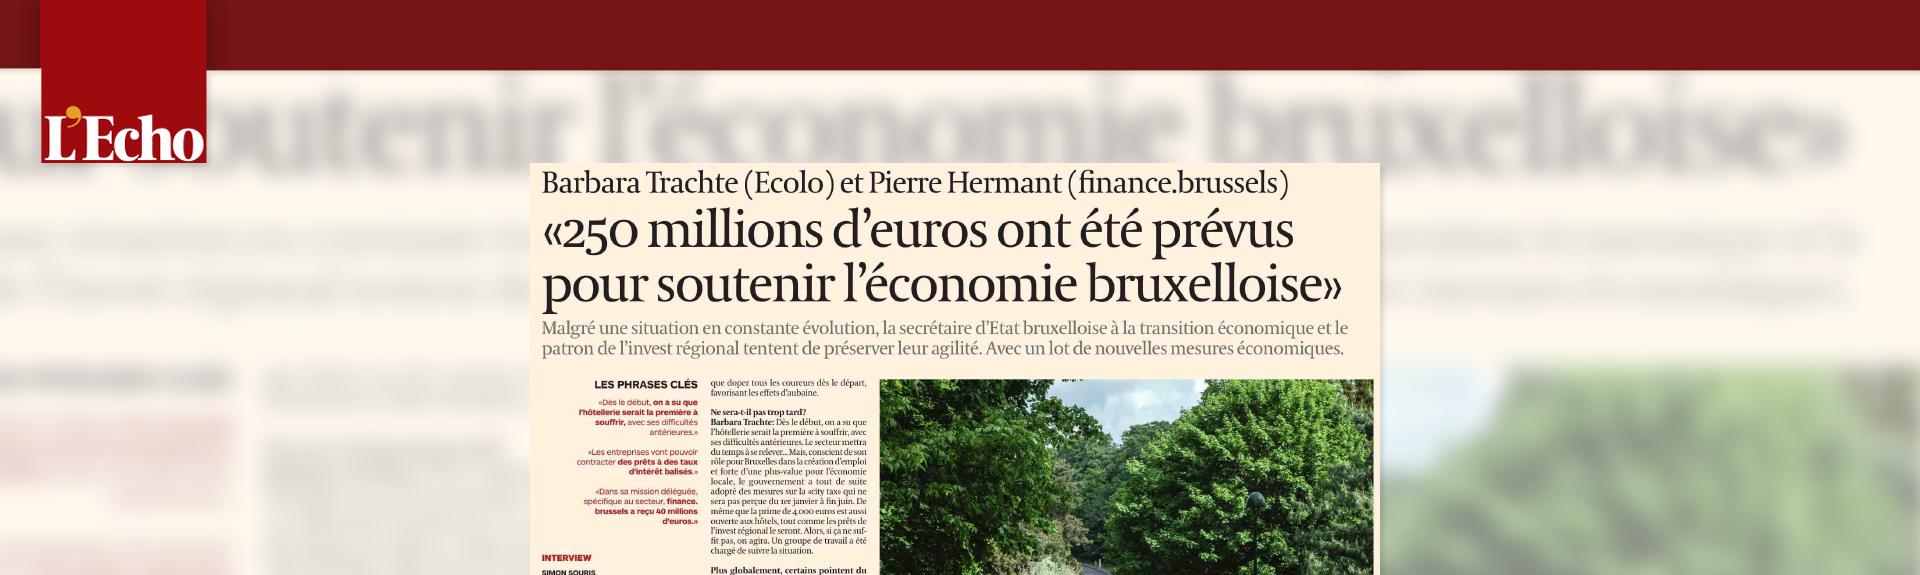 250 millions d'euros ont été prévus pour soutenir l'économie bruxelloise